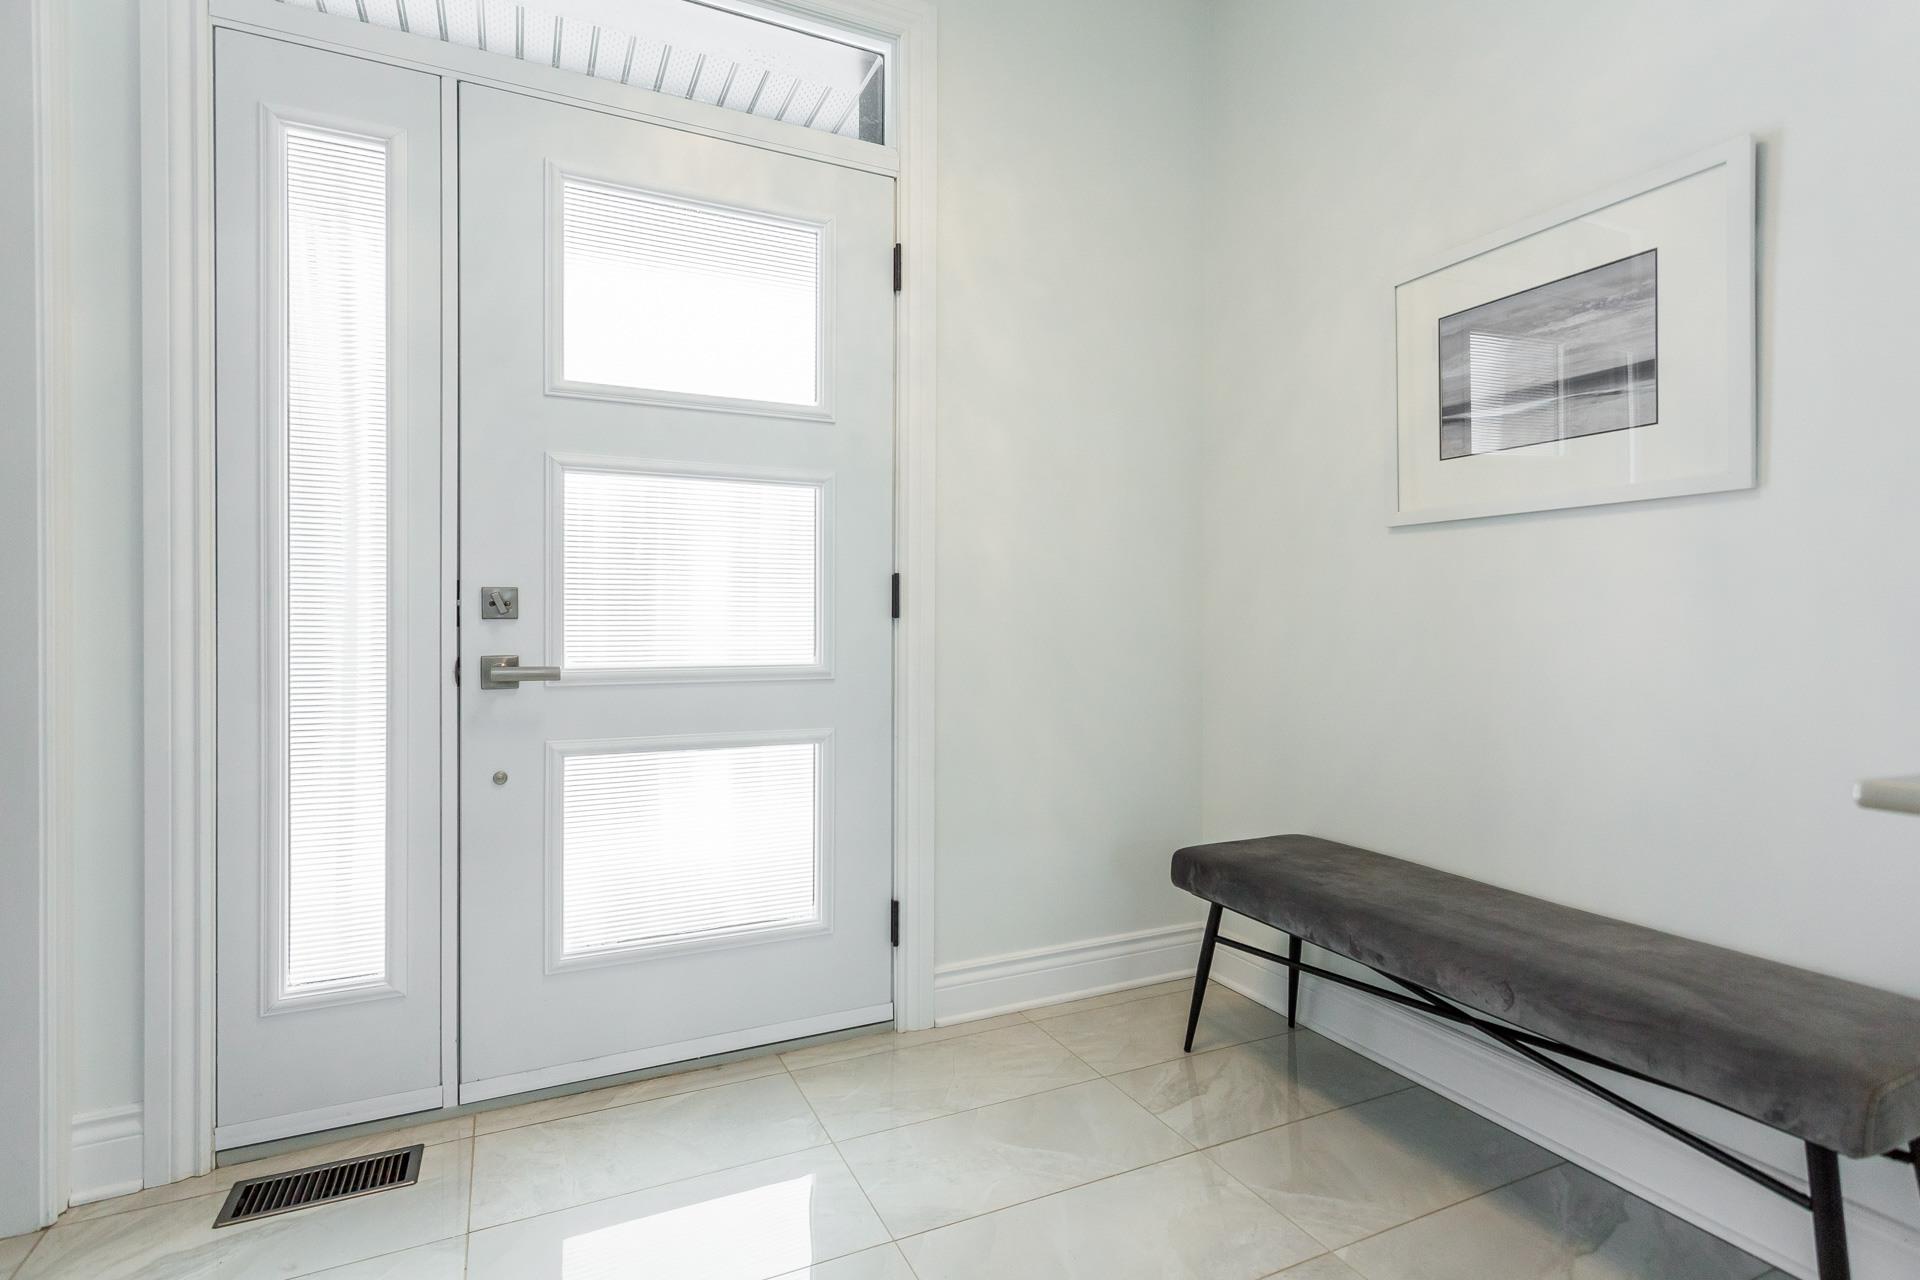 image 2 - Maison À vendre Laval Duvernay - 1 pièce